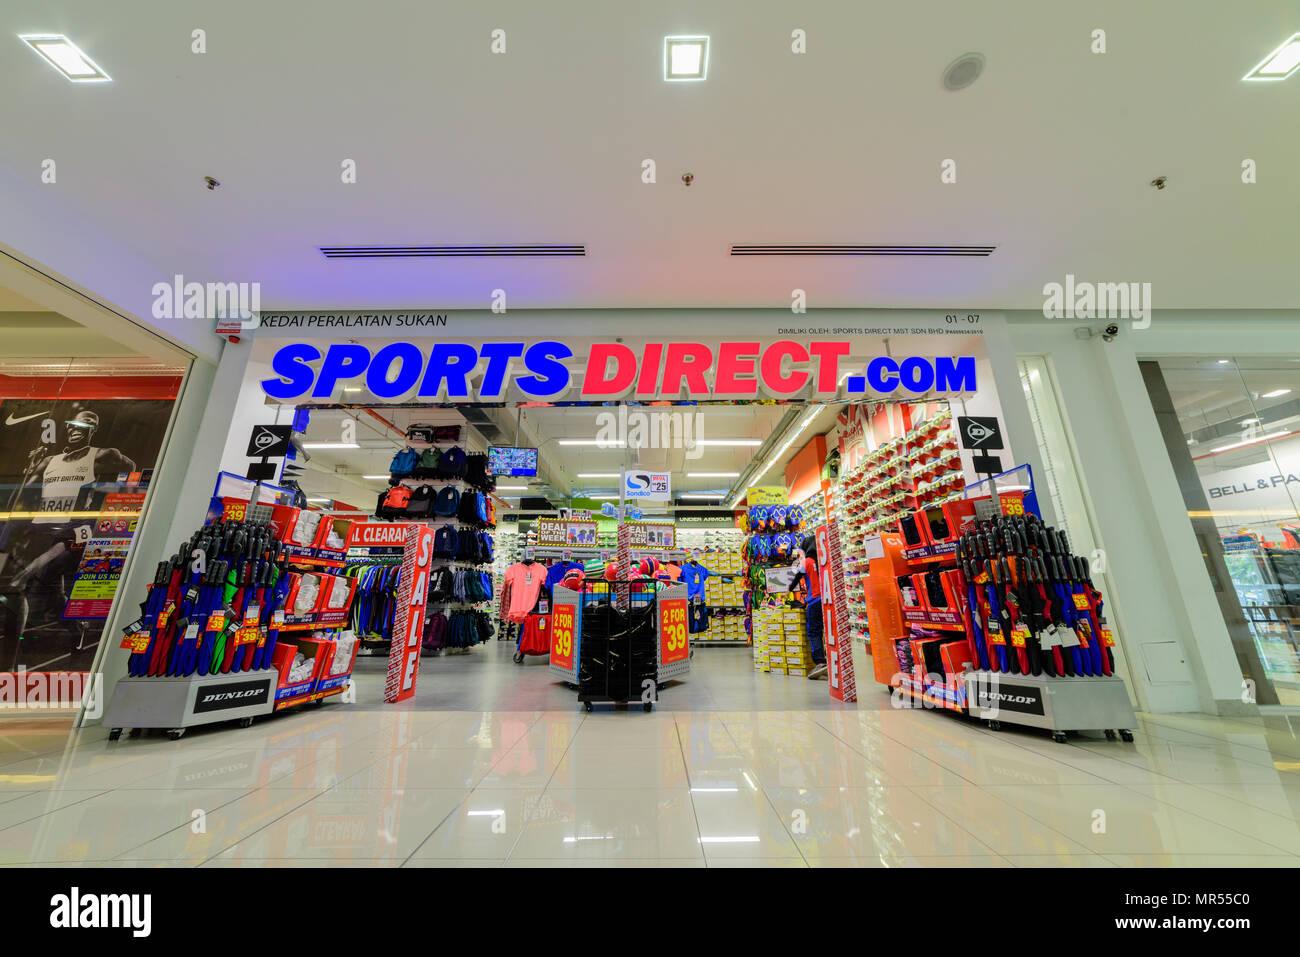 c46b55969 En Penang, Malasia - Nov 12, 2017 : Deportes tienda directa. Sports Direct  International plc es un grupo minorista británico. Creada en 1982 por Mike  Ashley